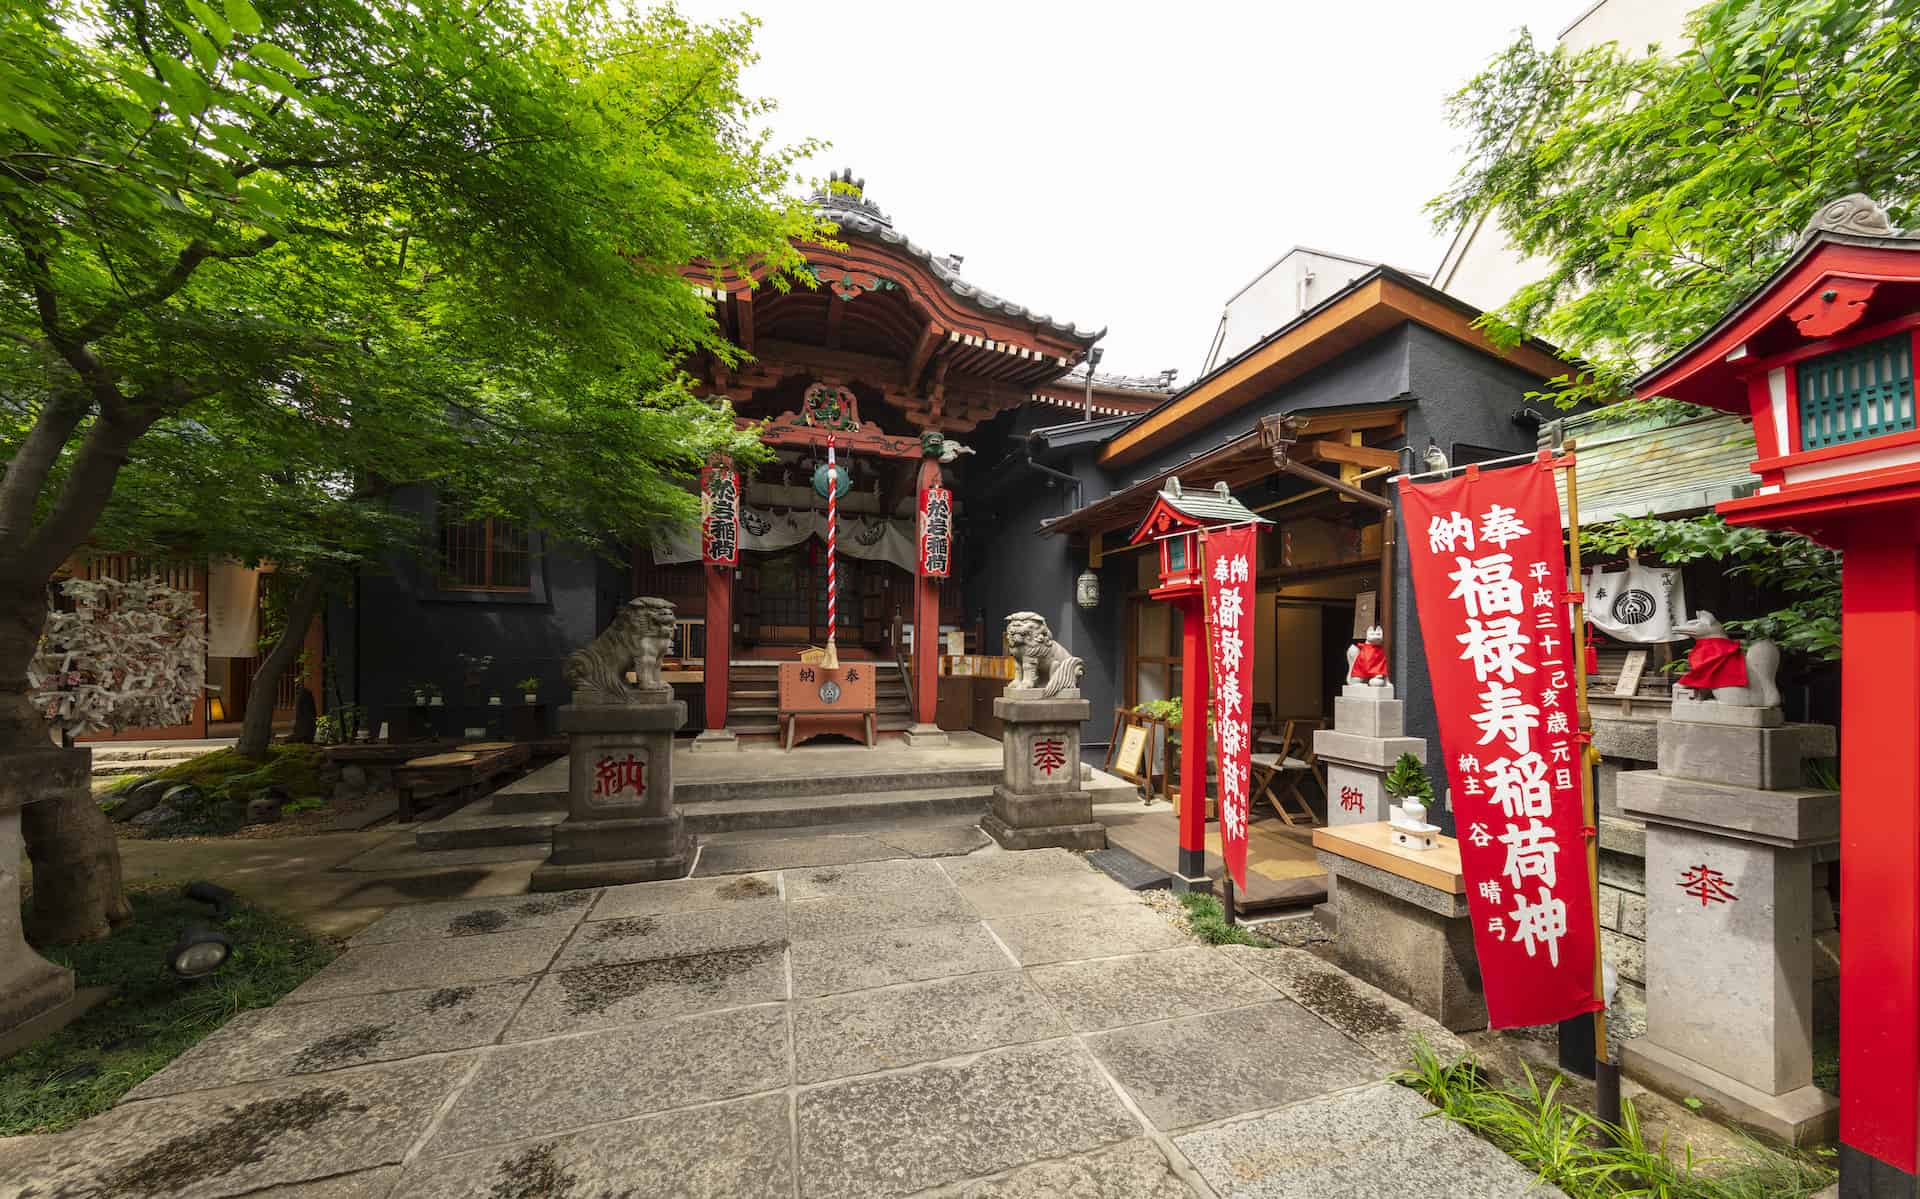 วัด โยอุนจิ (Younji Temple) ขอผู้ ขอพรความรัก โตเกียว